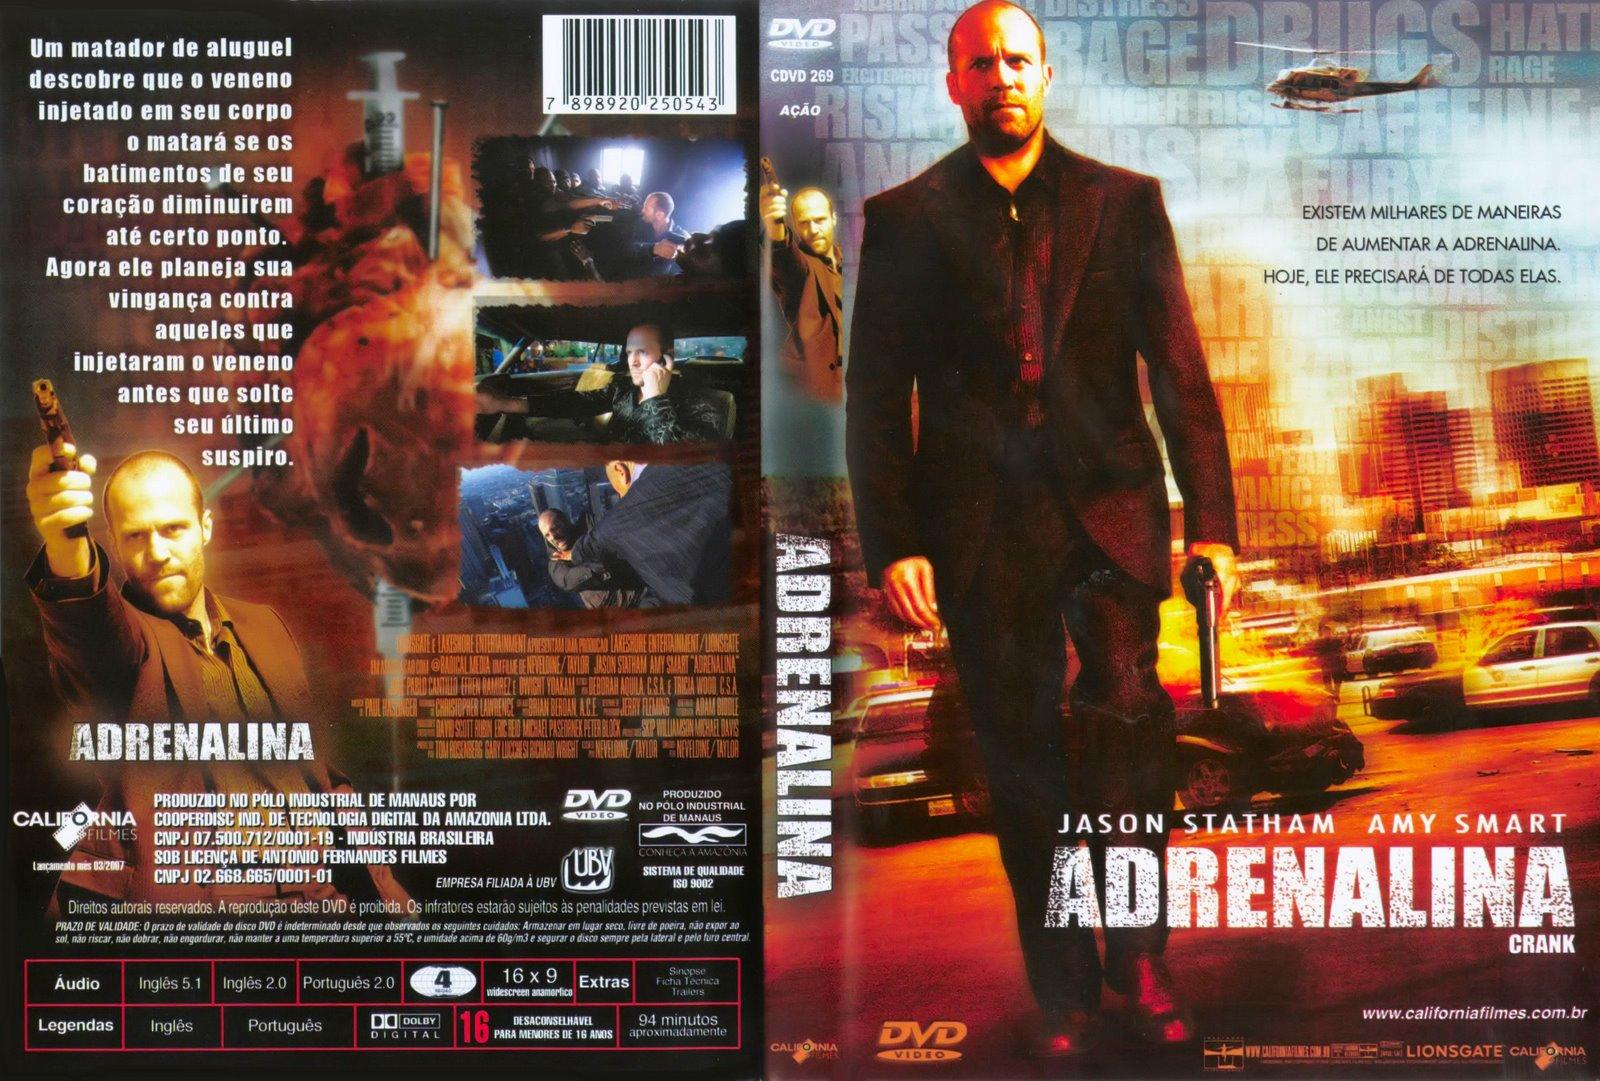 http://1.bp.blogspot.com/_eoutIDi4zcY/S75HtkcCPrI/AAAAAAAAAEU/KDJitrxOSYA/s1600/Adrenalina+1.jpg